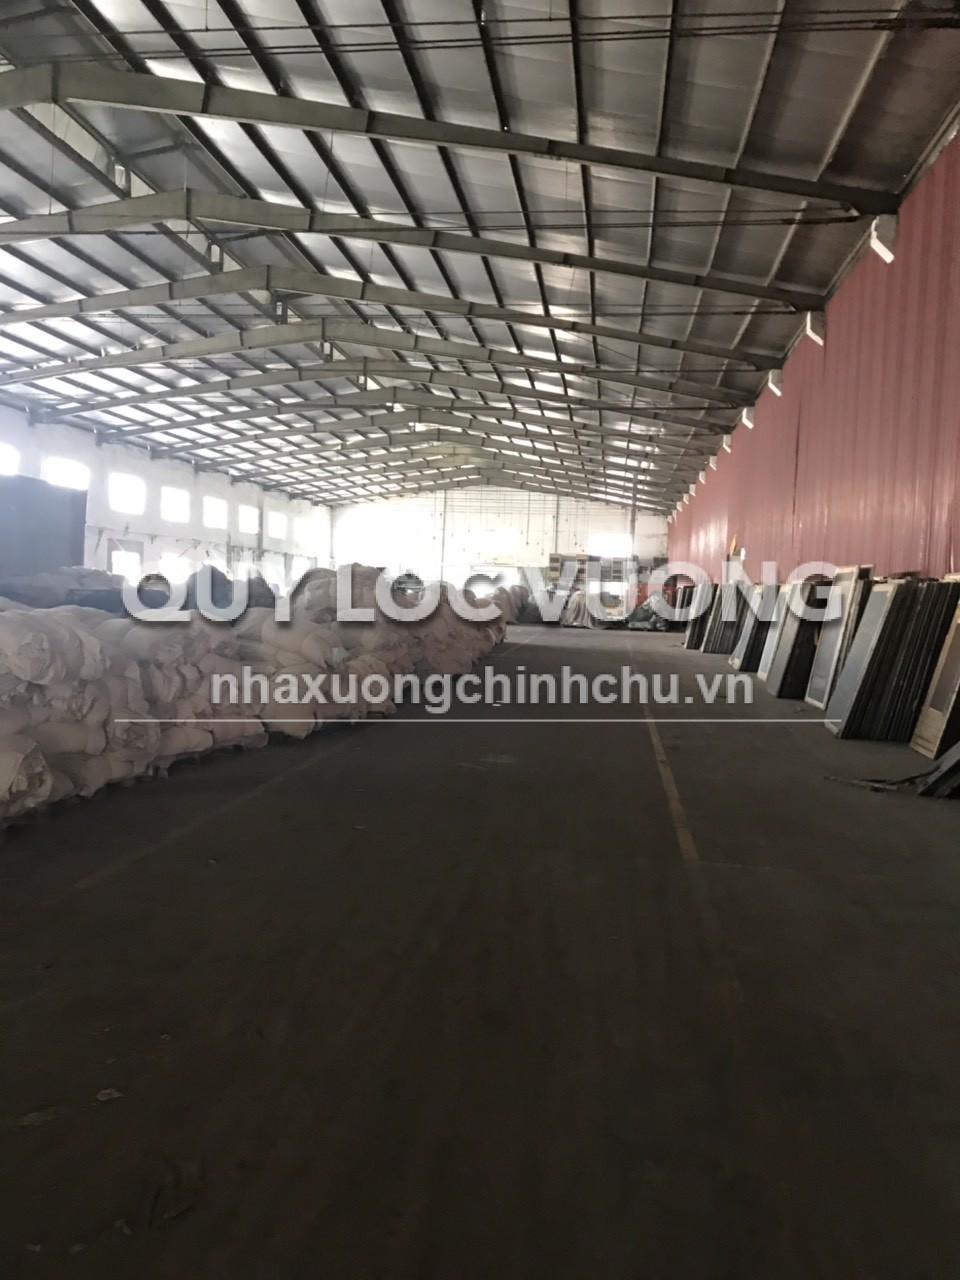 Cho thuê xưởng 1 trệt 2 lầu và nhà kho 600m2 trong KCN Tân Bình TPHCM